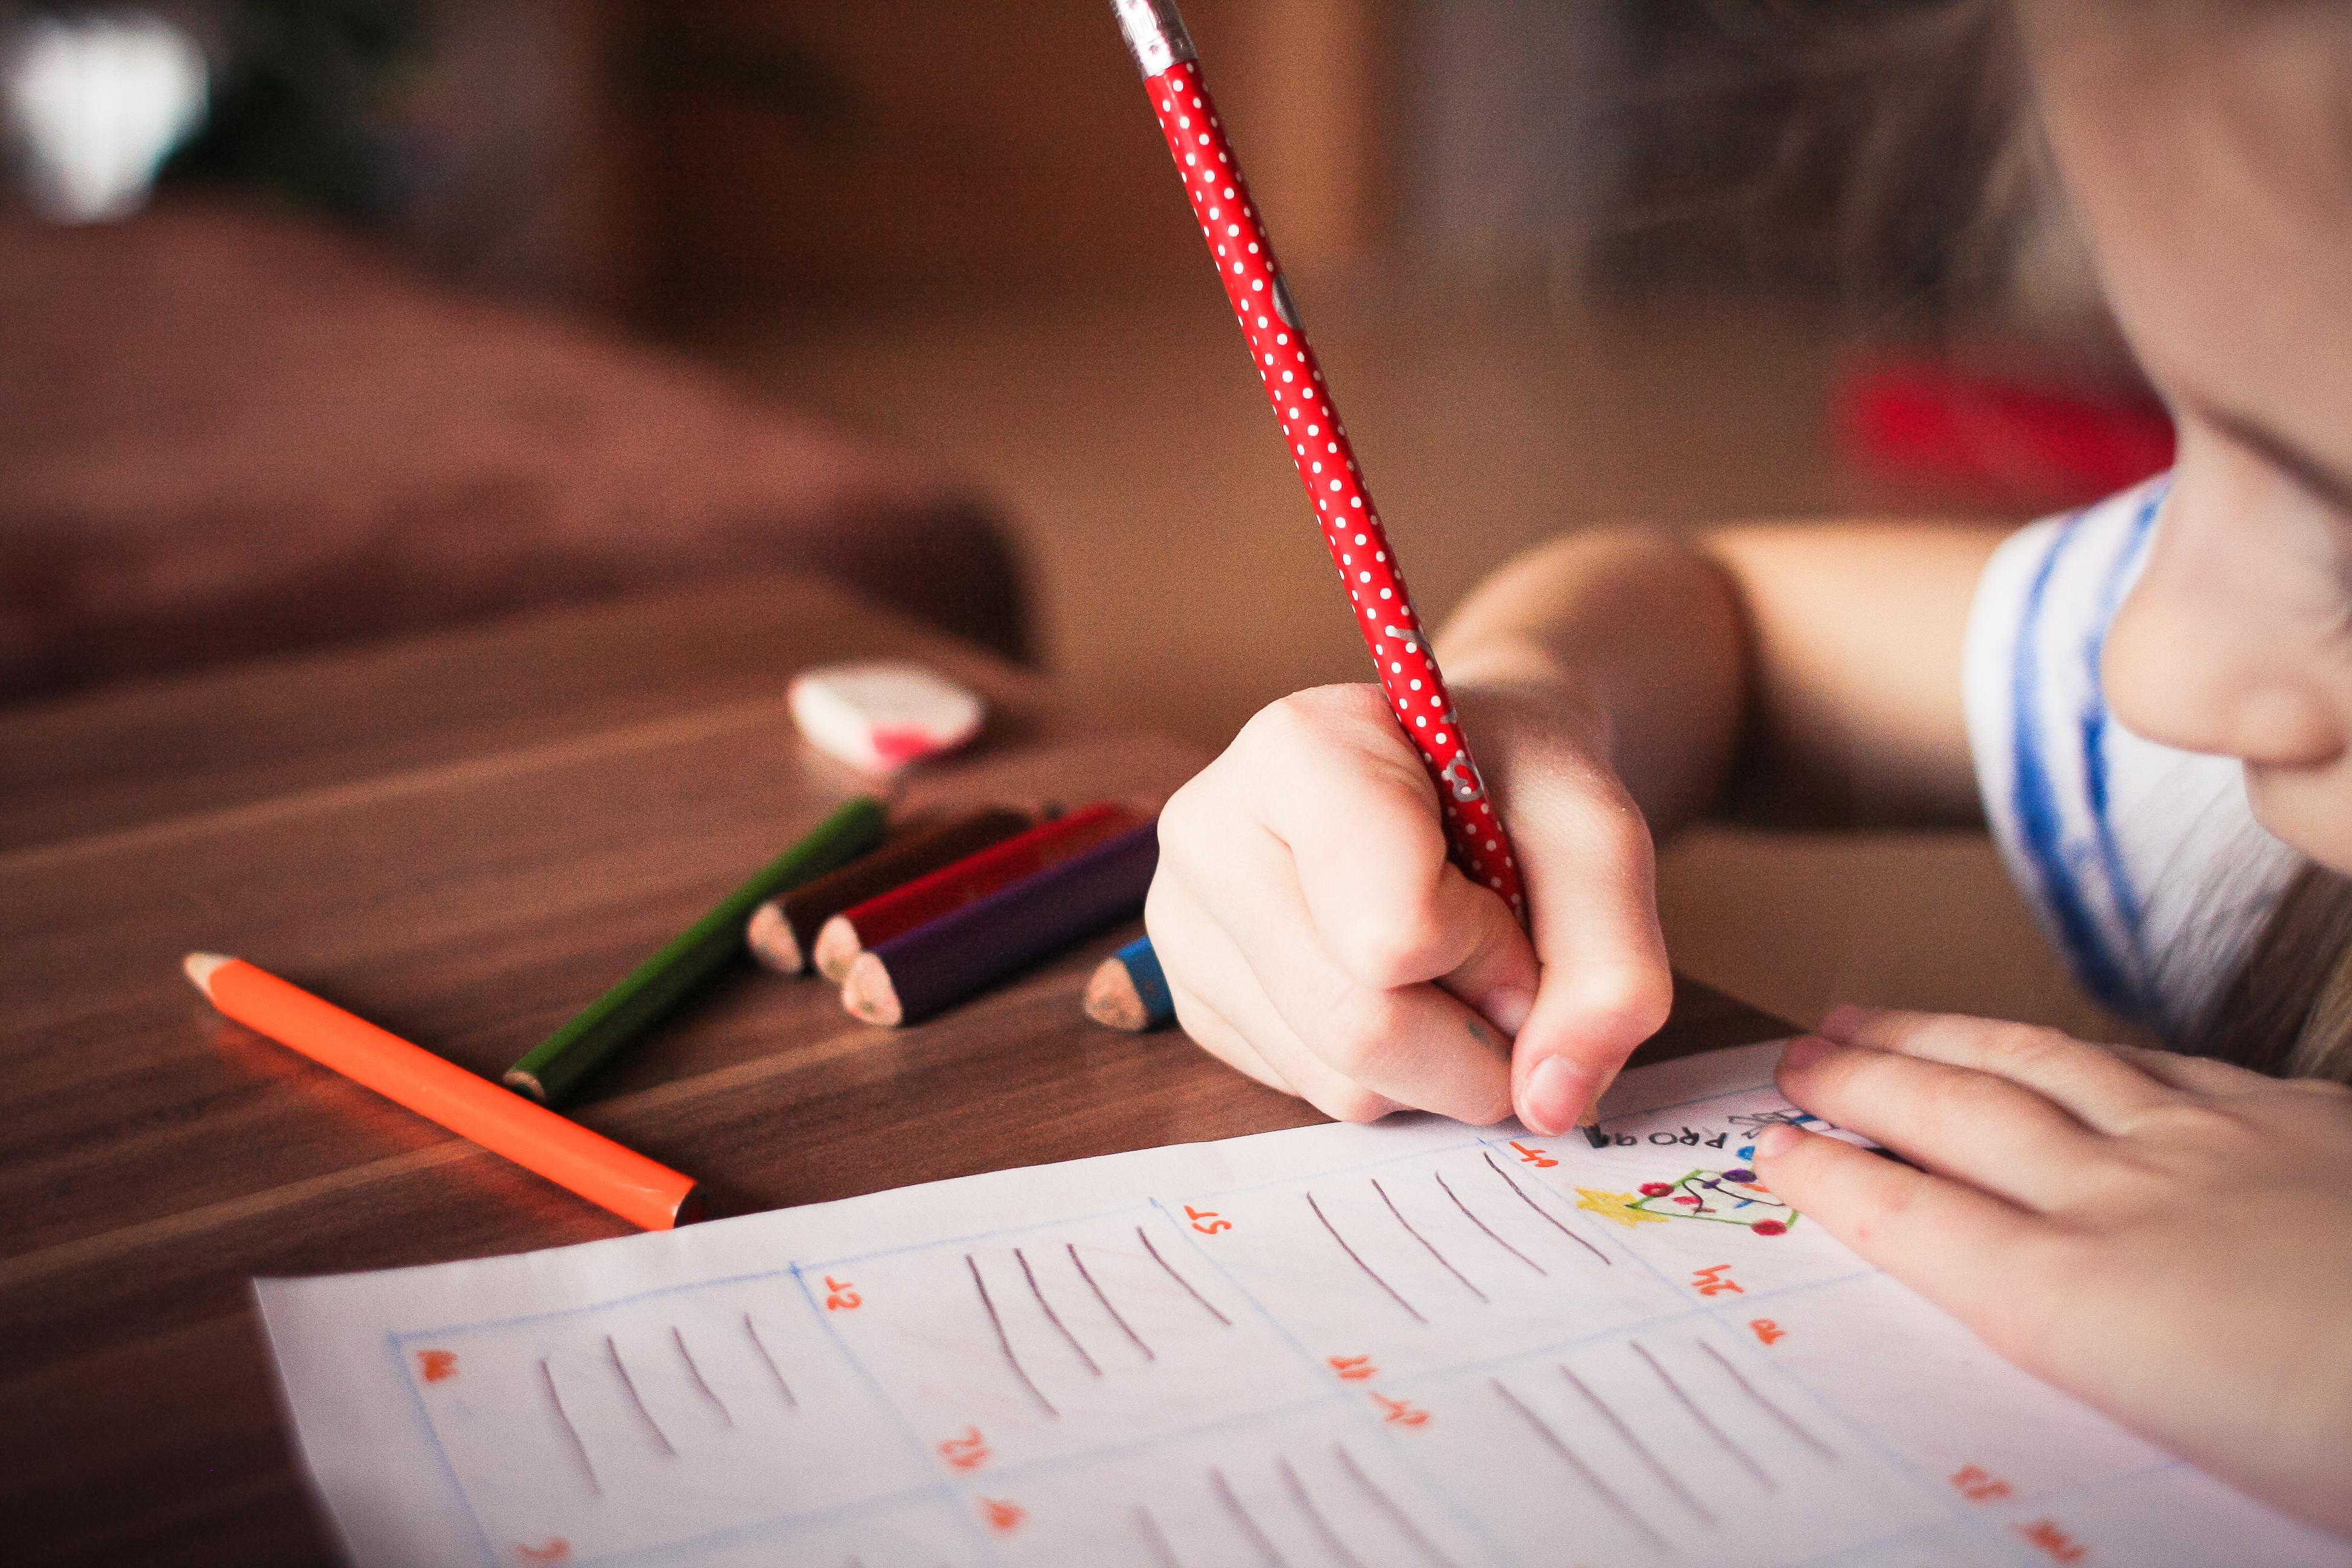 niña escribiendo un poema en Navidad - poemas navideños